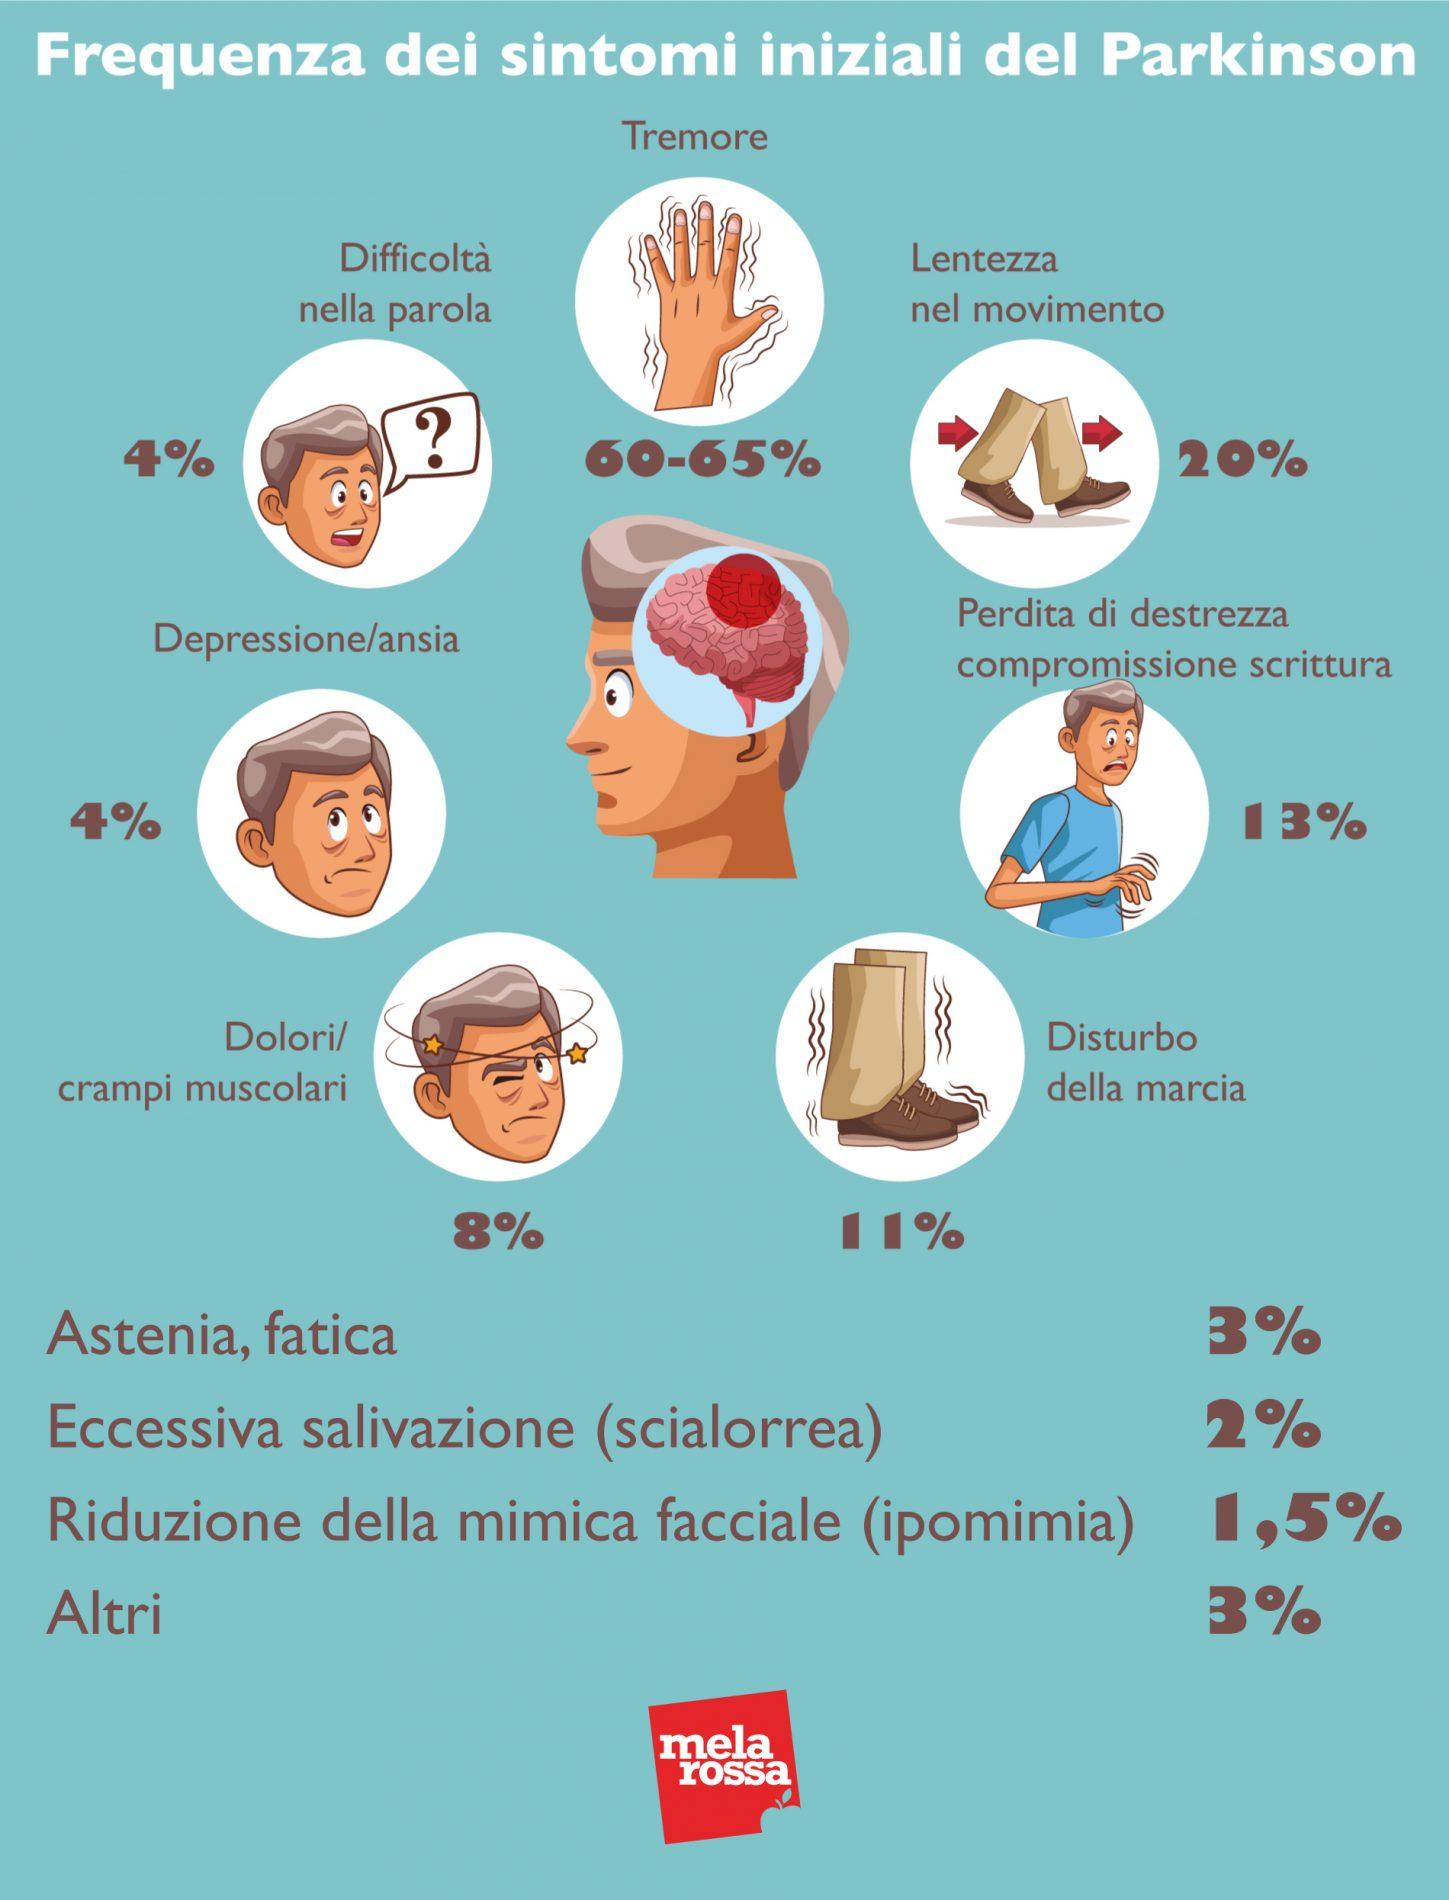 Frequenza dei sintomi iniziali del Parkinson